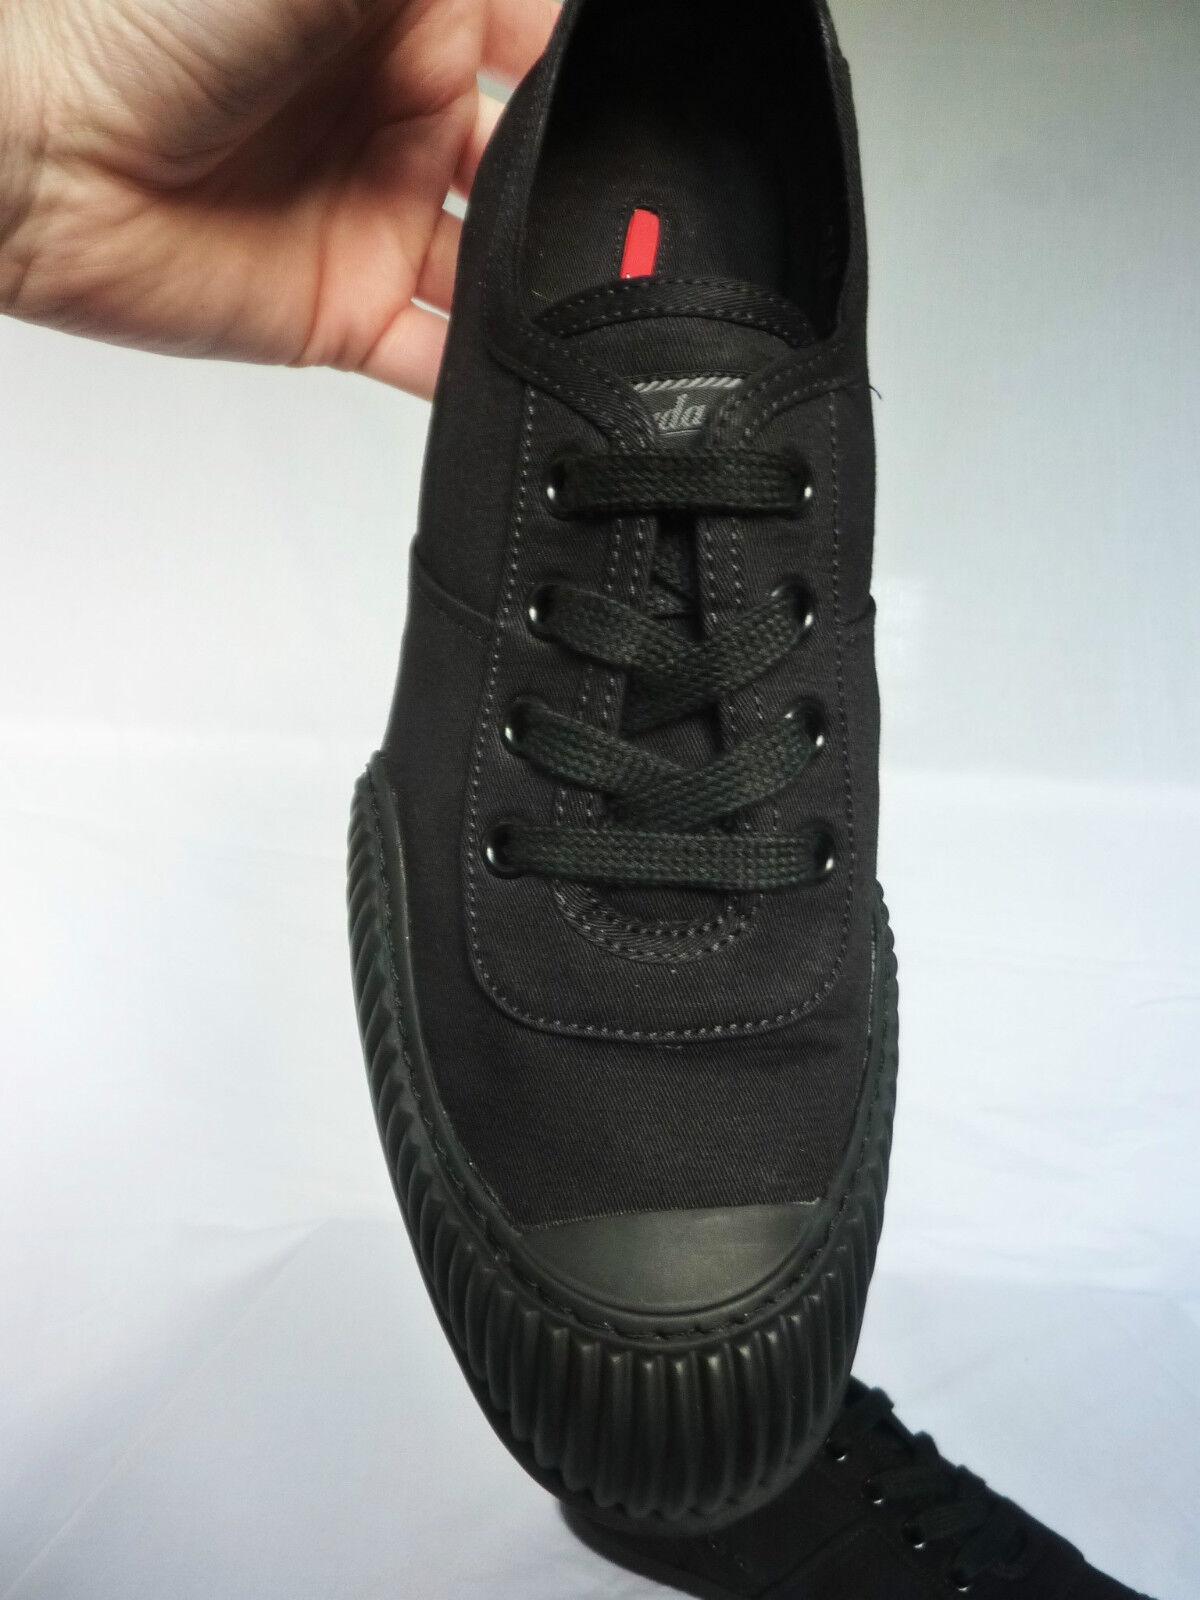 NEUF PRADA noir qualité Baskets Escarpins Chaussures Sac Boîte réception Taille 40UK 7